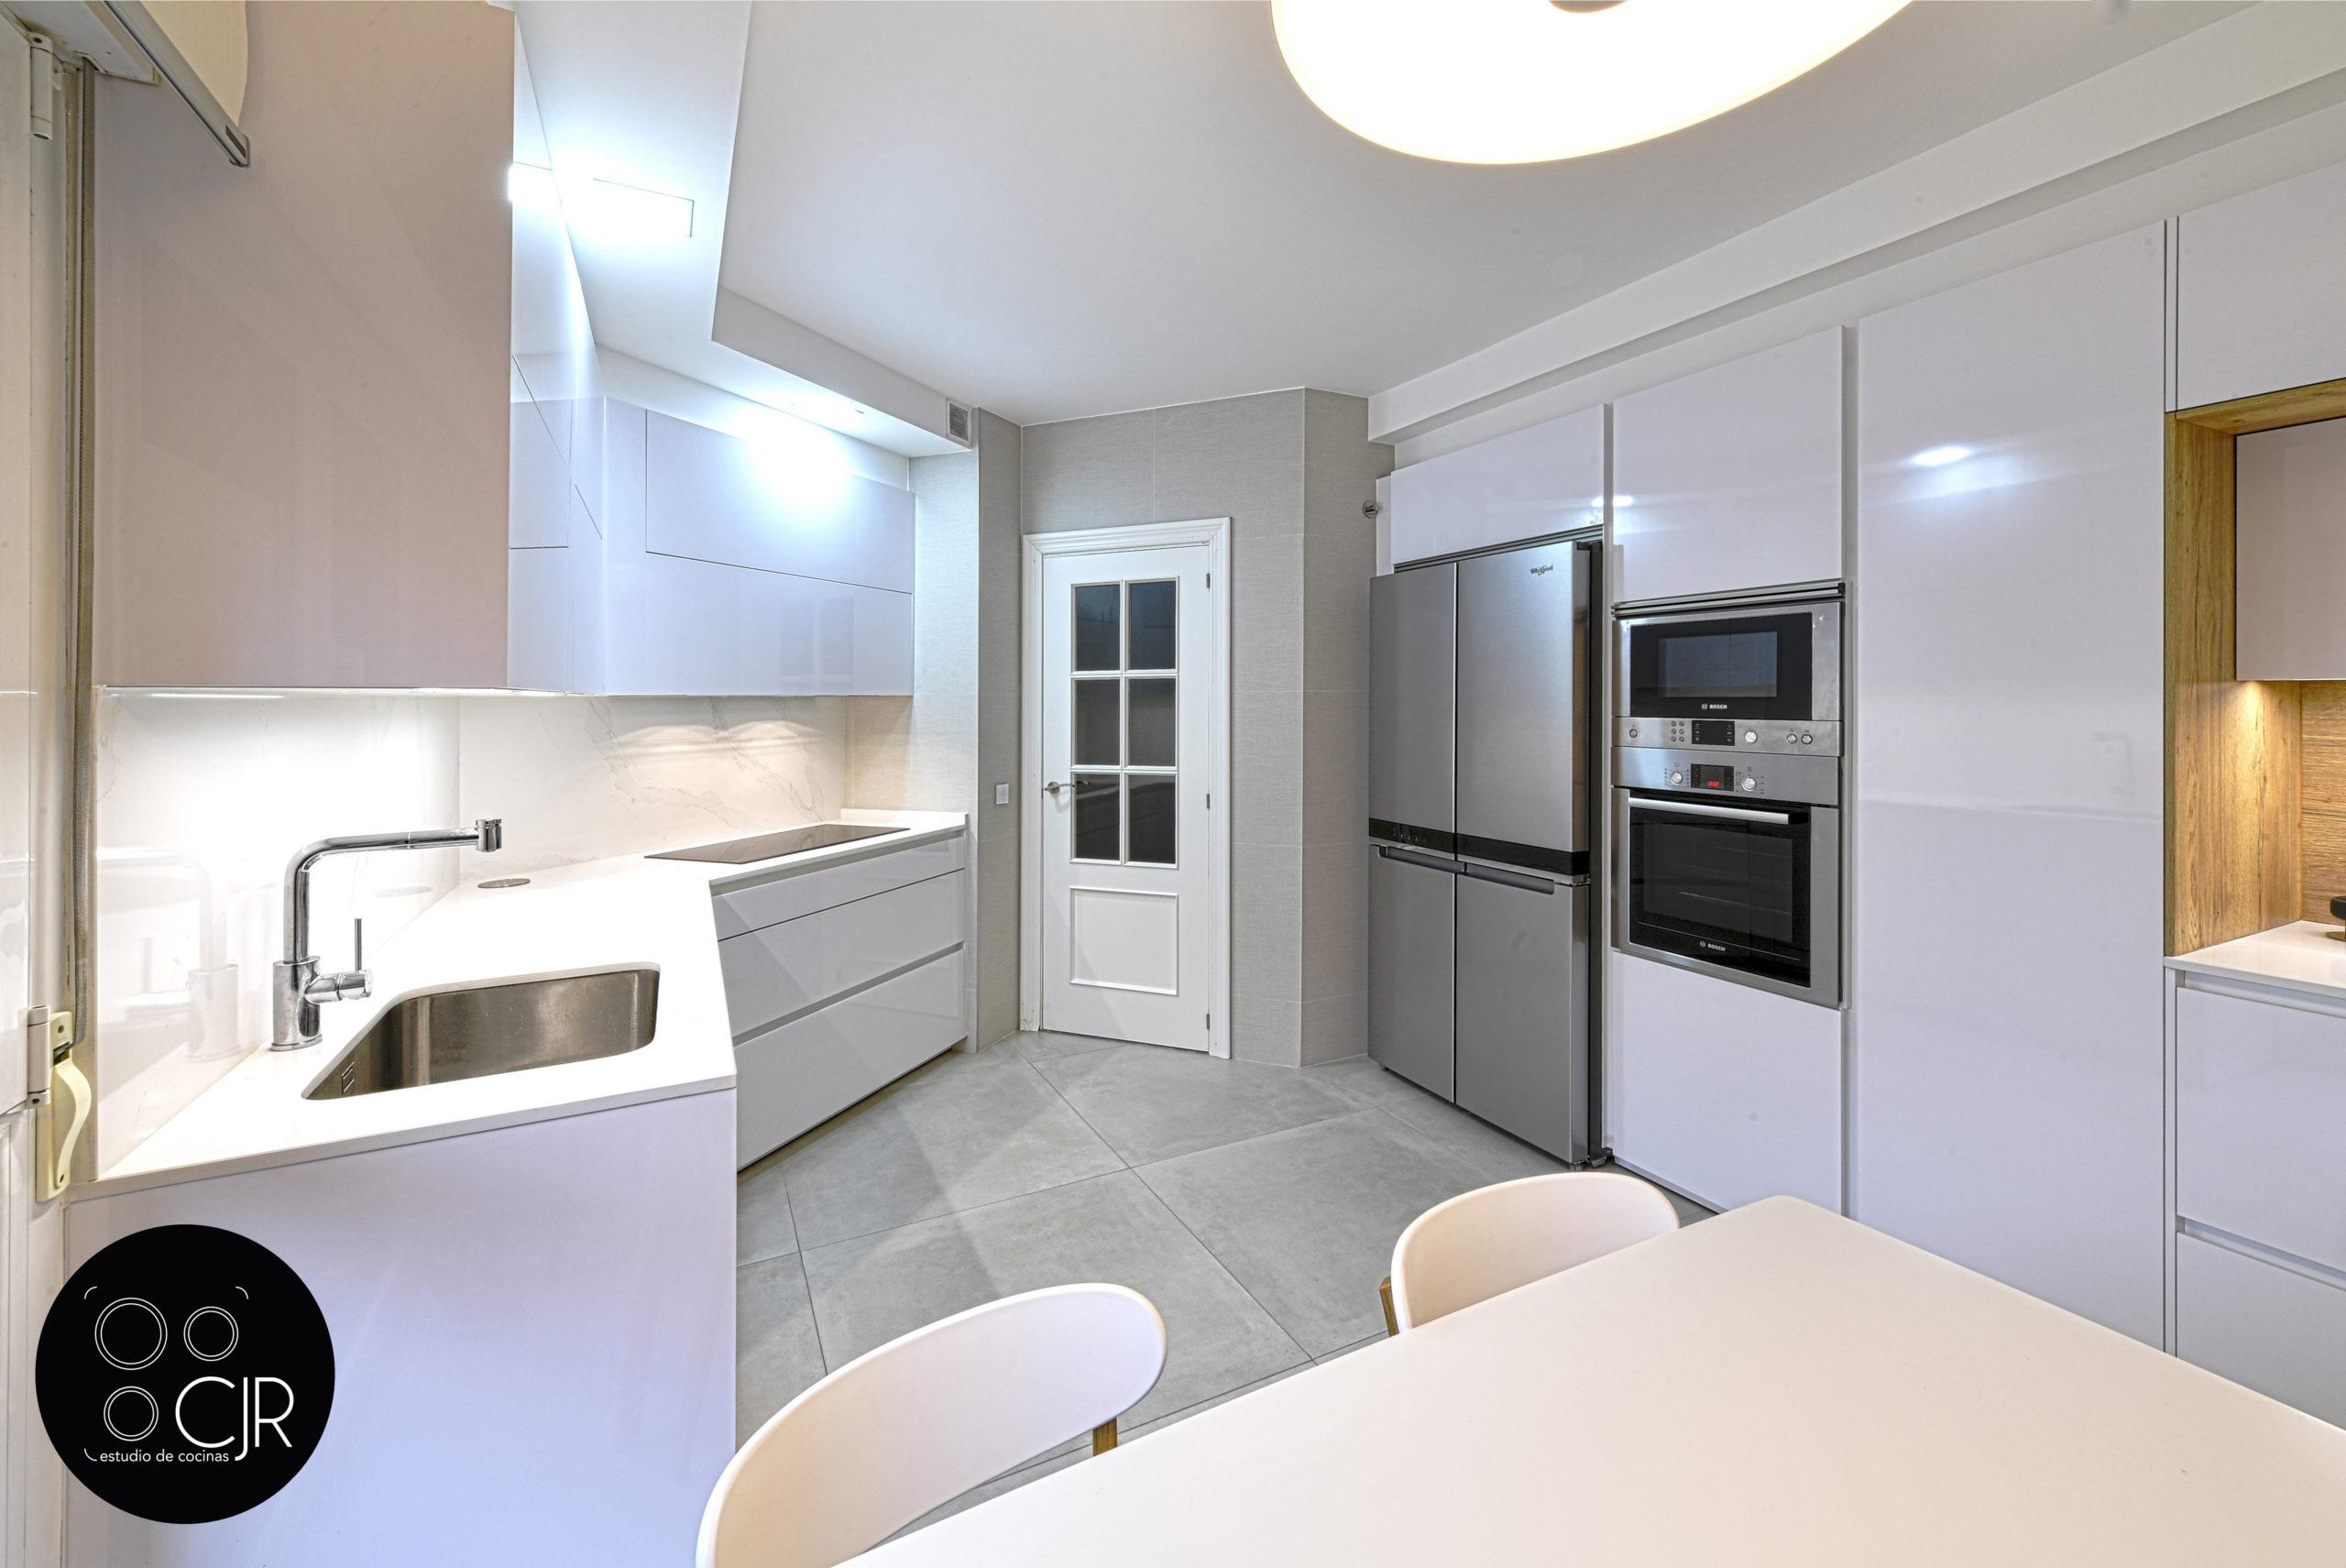 Vista angular de cocina en blanco y madera